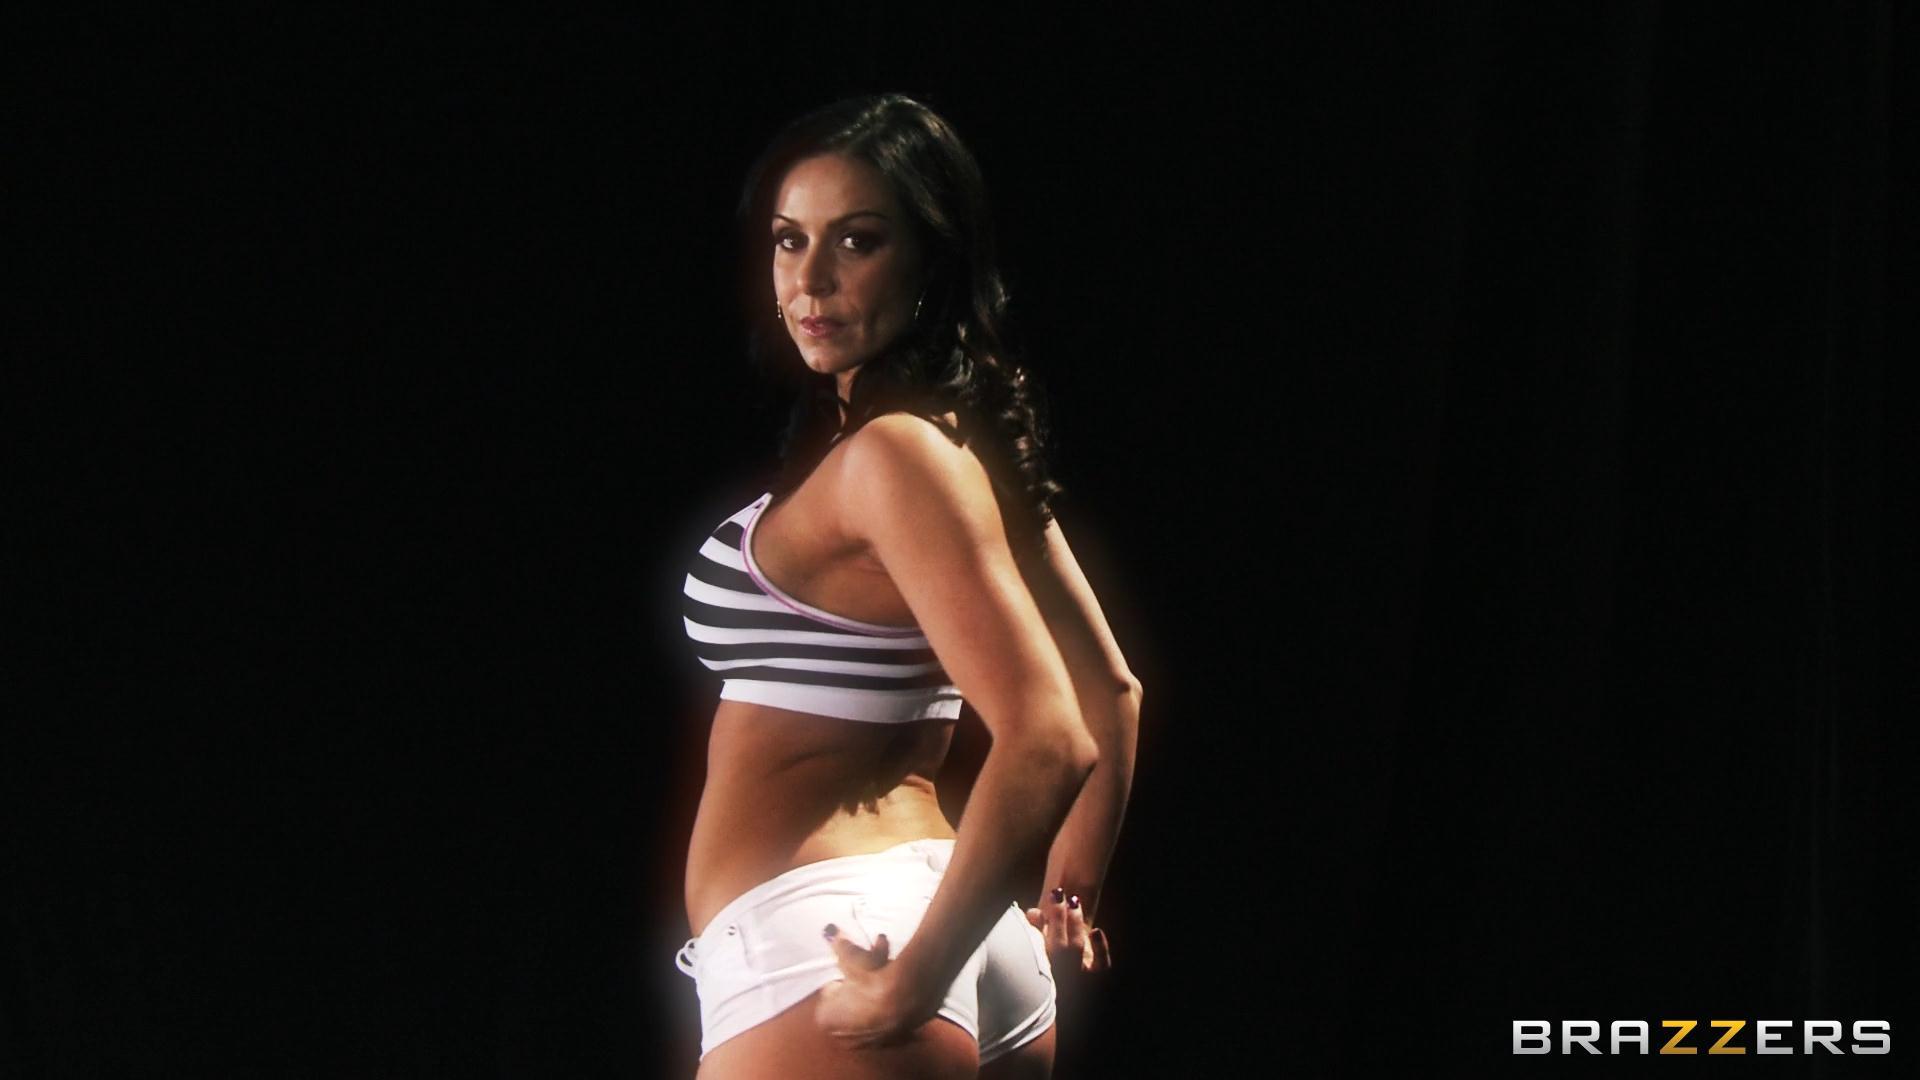 Big ass latina pussy lips